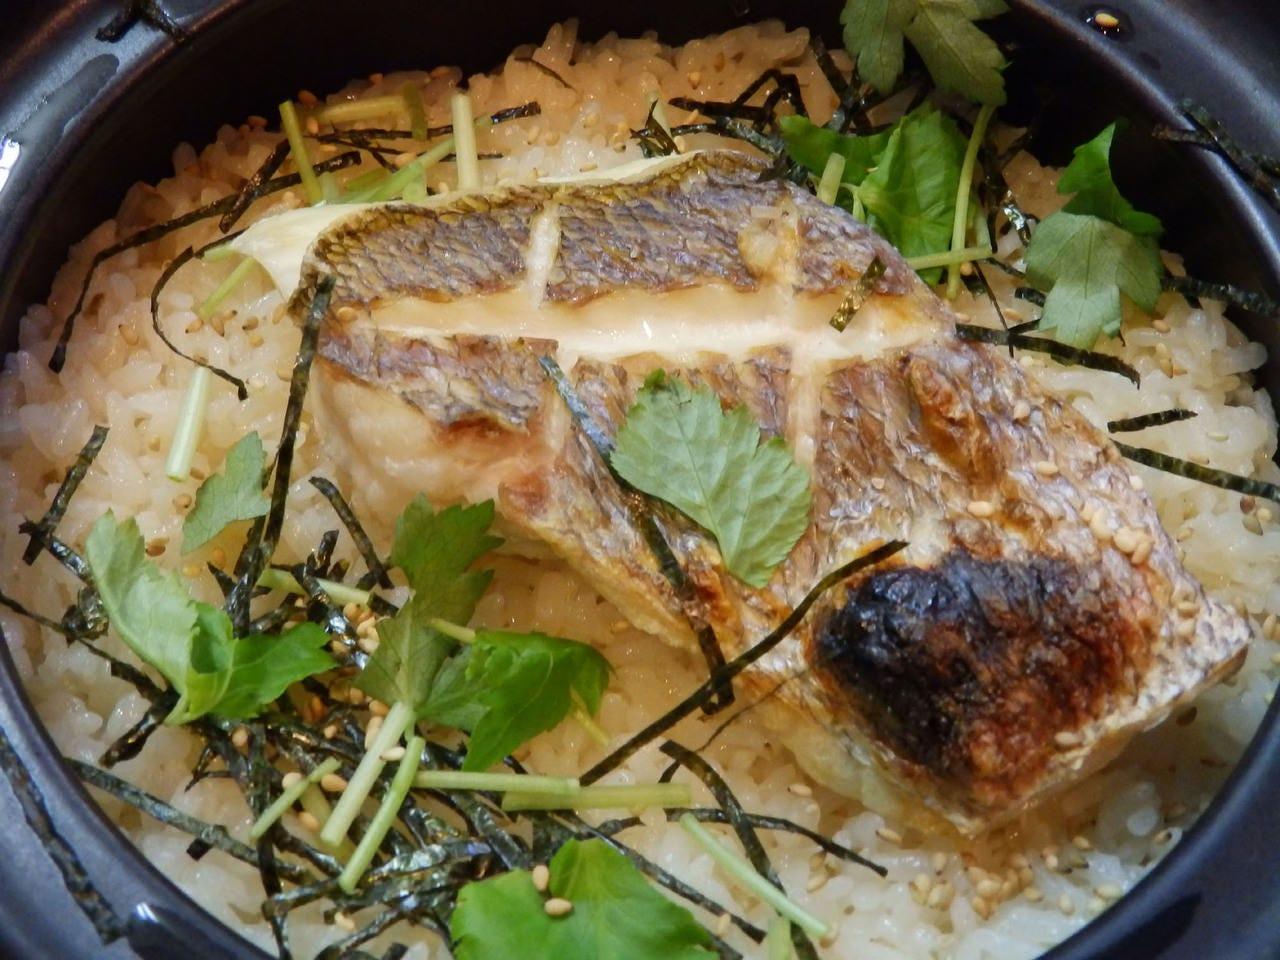 じっくり煮出した鯛のだしで炊いた 土鍋炊き込み鯛めし!!